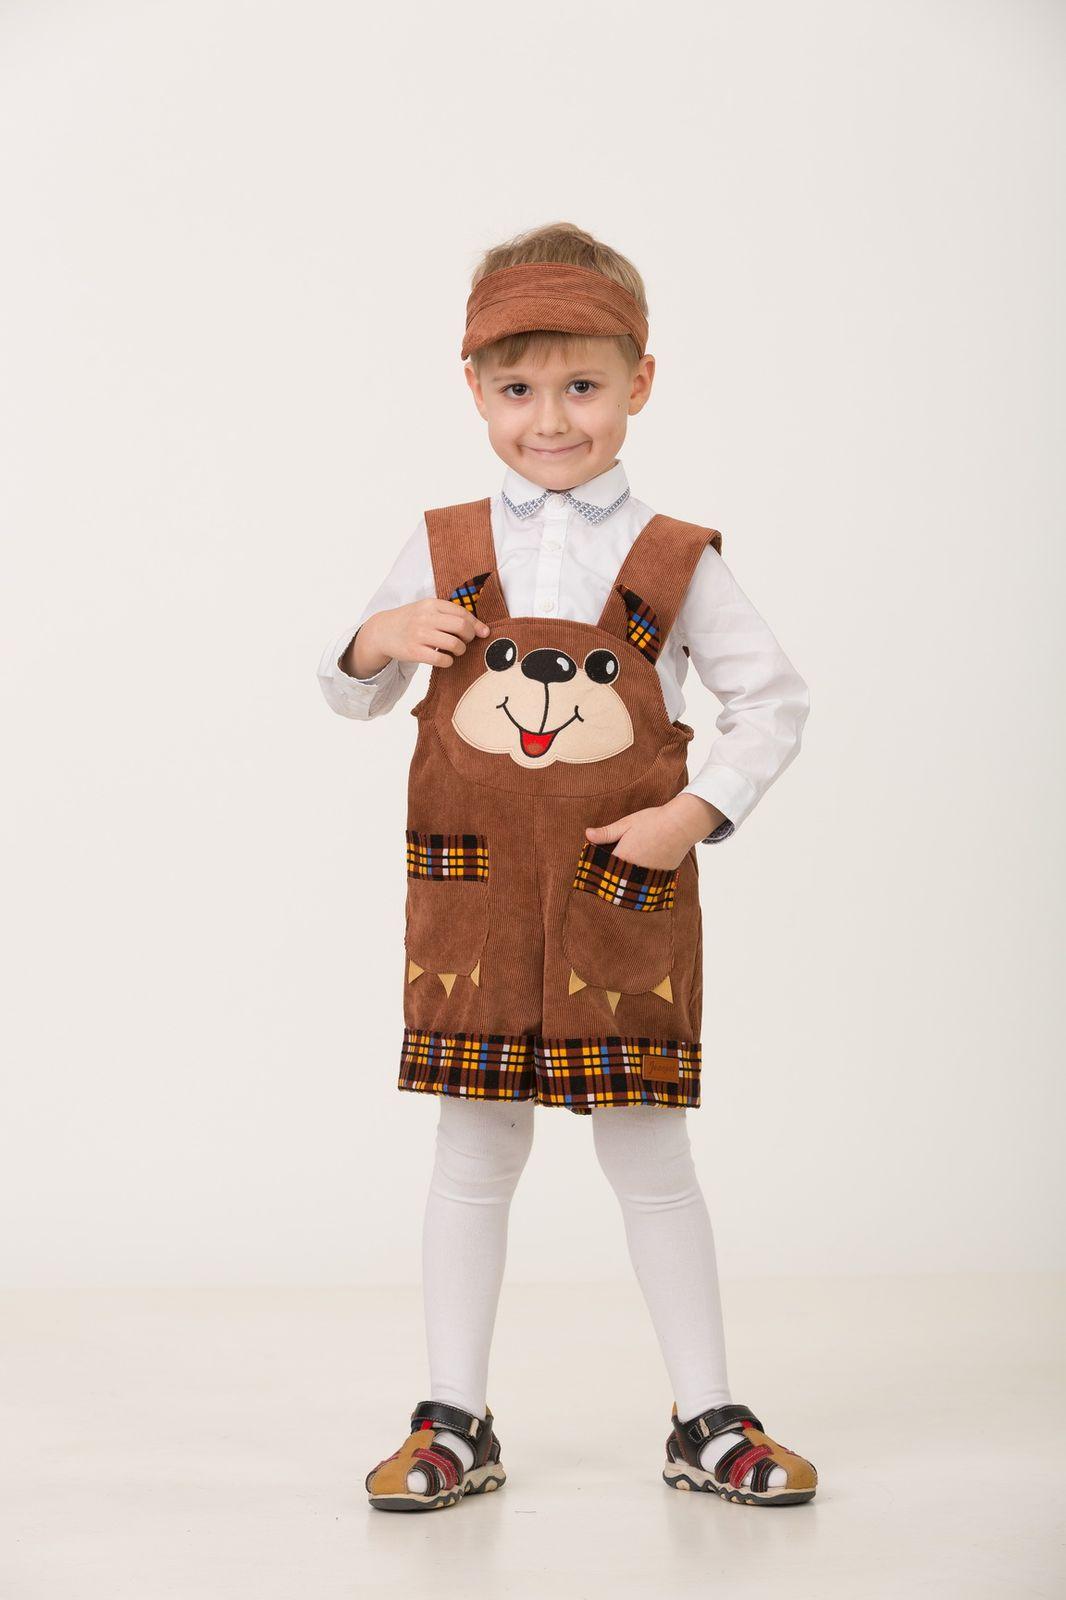 Карнавальный костюм Jeanees Медвежонок Топтыжкин, цвет: коричневый. Размер: 26 карнавальный костюм jeanees медвежонок топтыжкин цвет коричневый размер 28